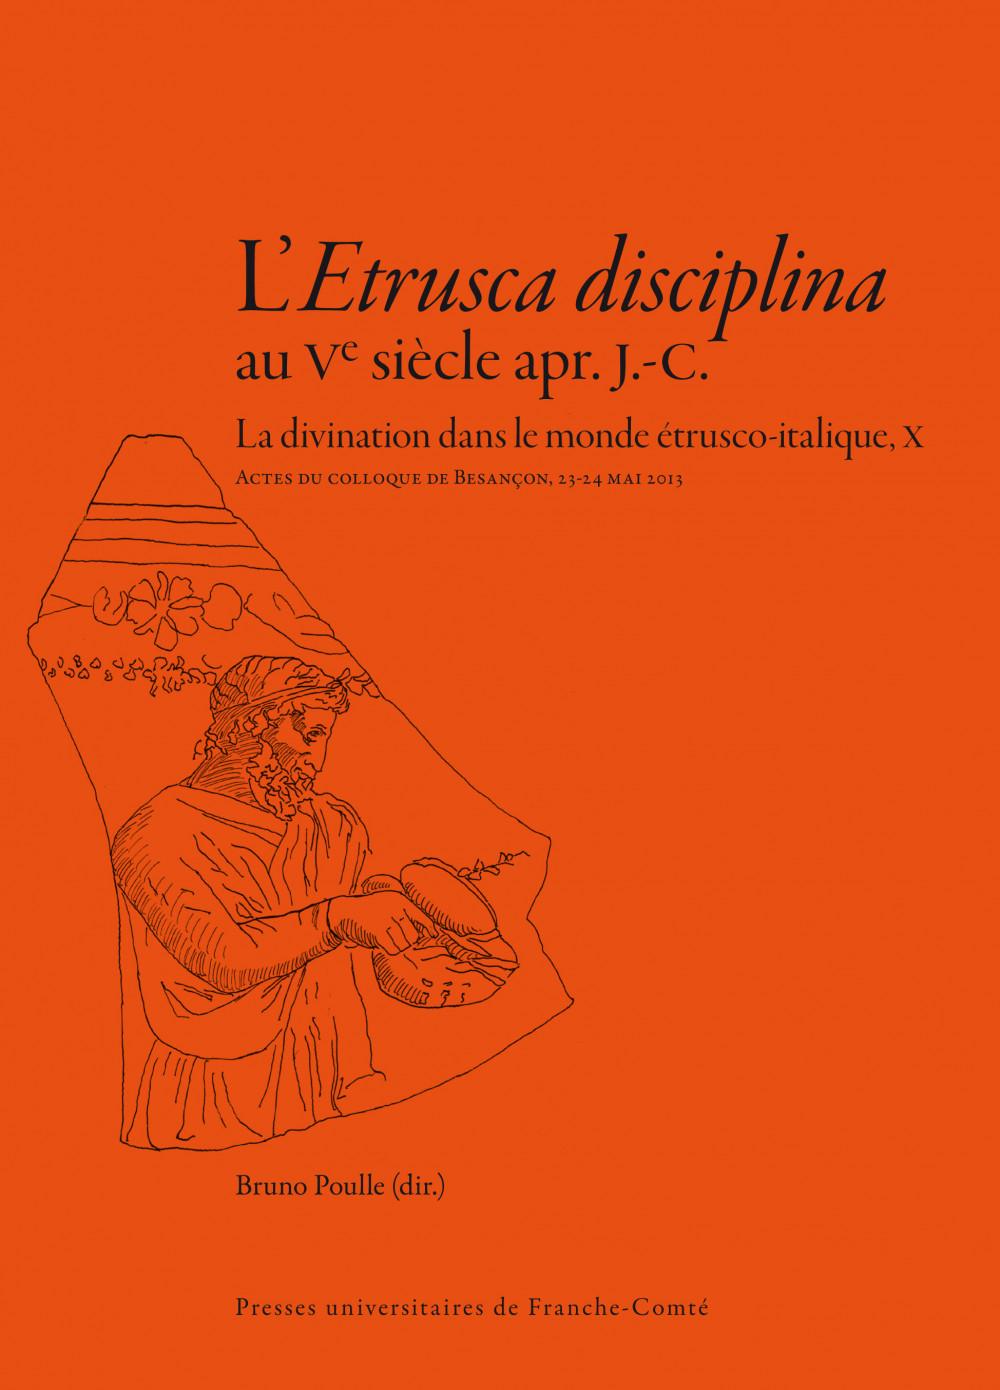 """L'<i>Etrusca disciplina</i> au <span style=""""font-variant: small-caps"""">V</span><sup>e</sup> siècle apr. J.-C. La divination dans le monde étrusco-italique, X"""